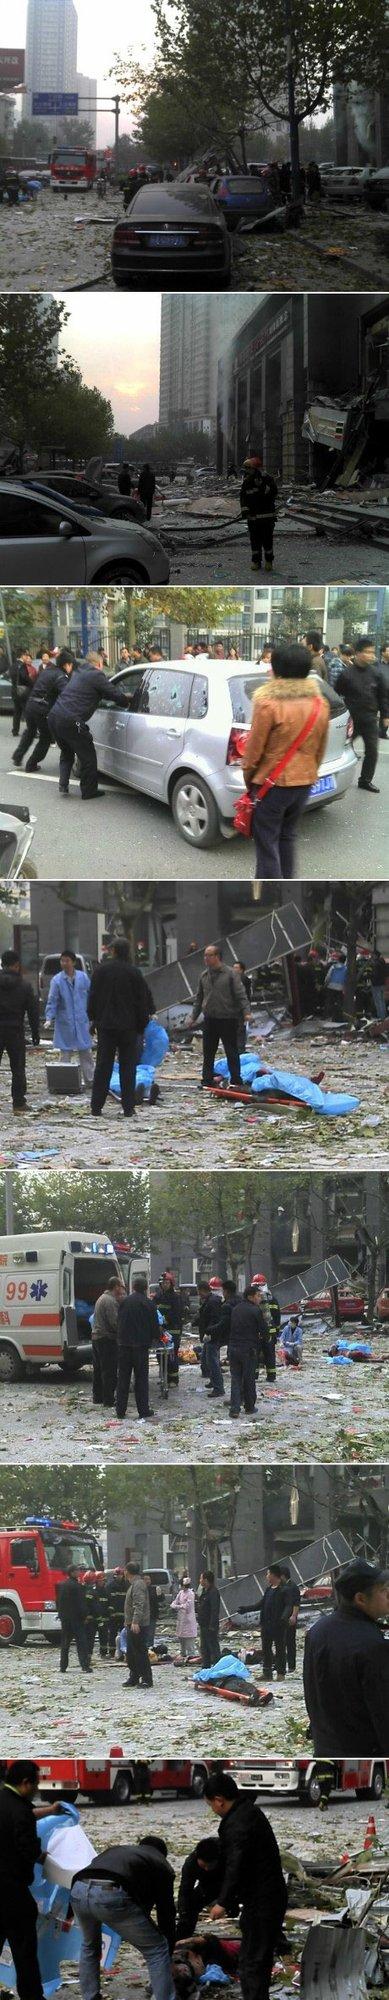 西安嘉天国际大厦爆炸 多名上学孩子被炸伤(图)